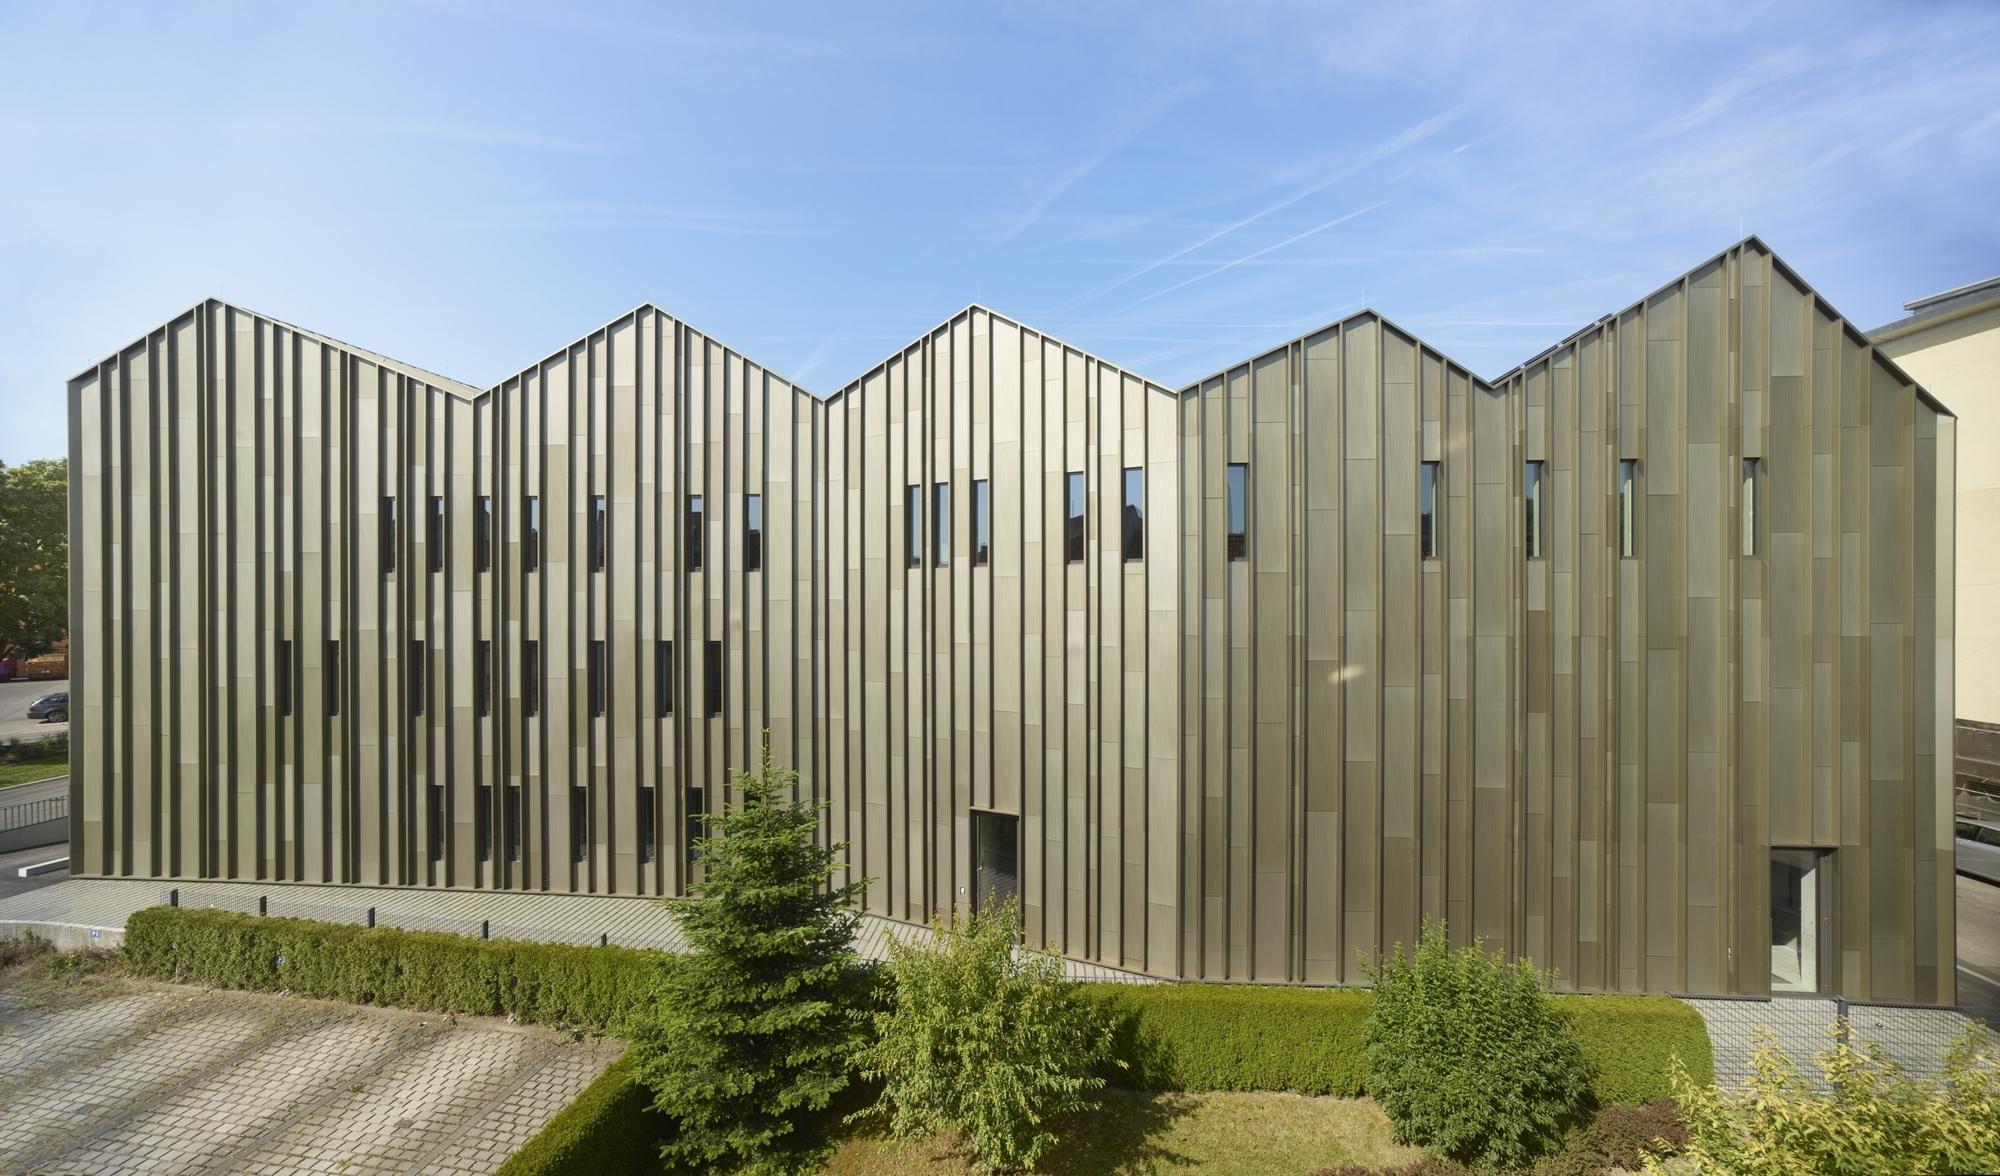 Architekten Esslingen kleiner hugo für große entwürfe zwischen neckar und alb teckbote